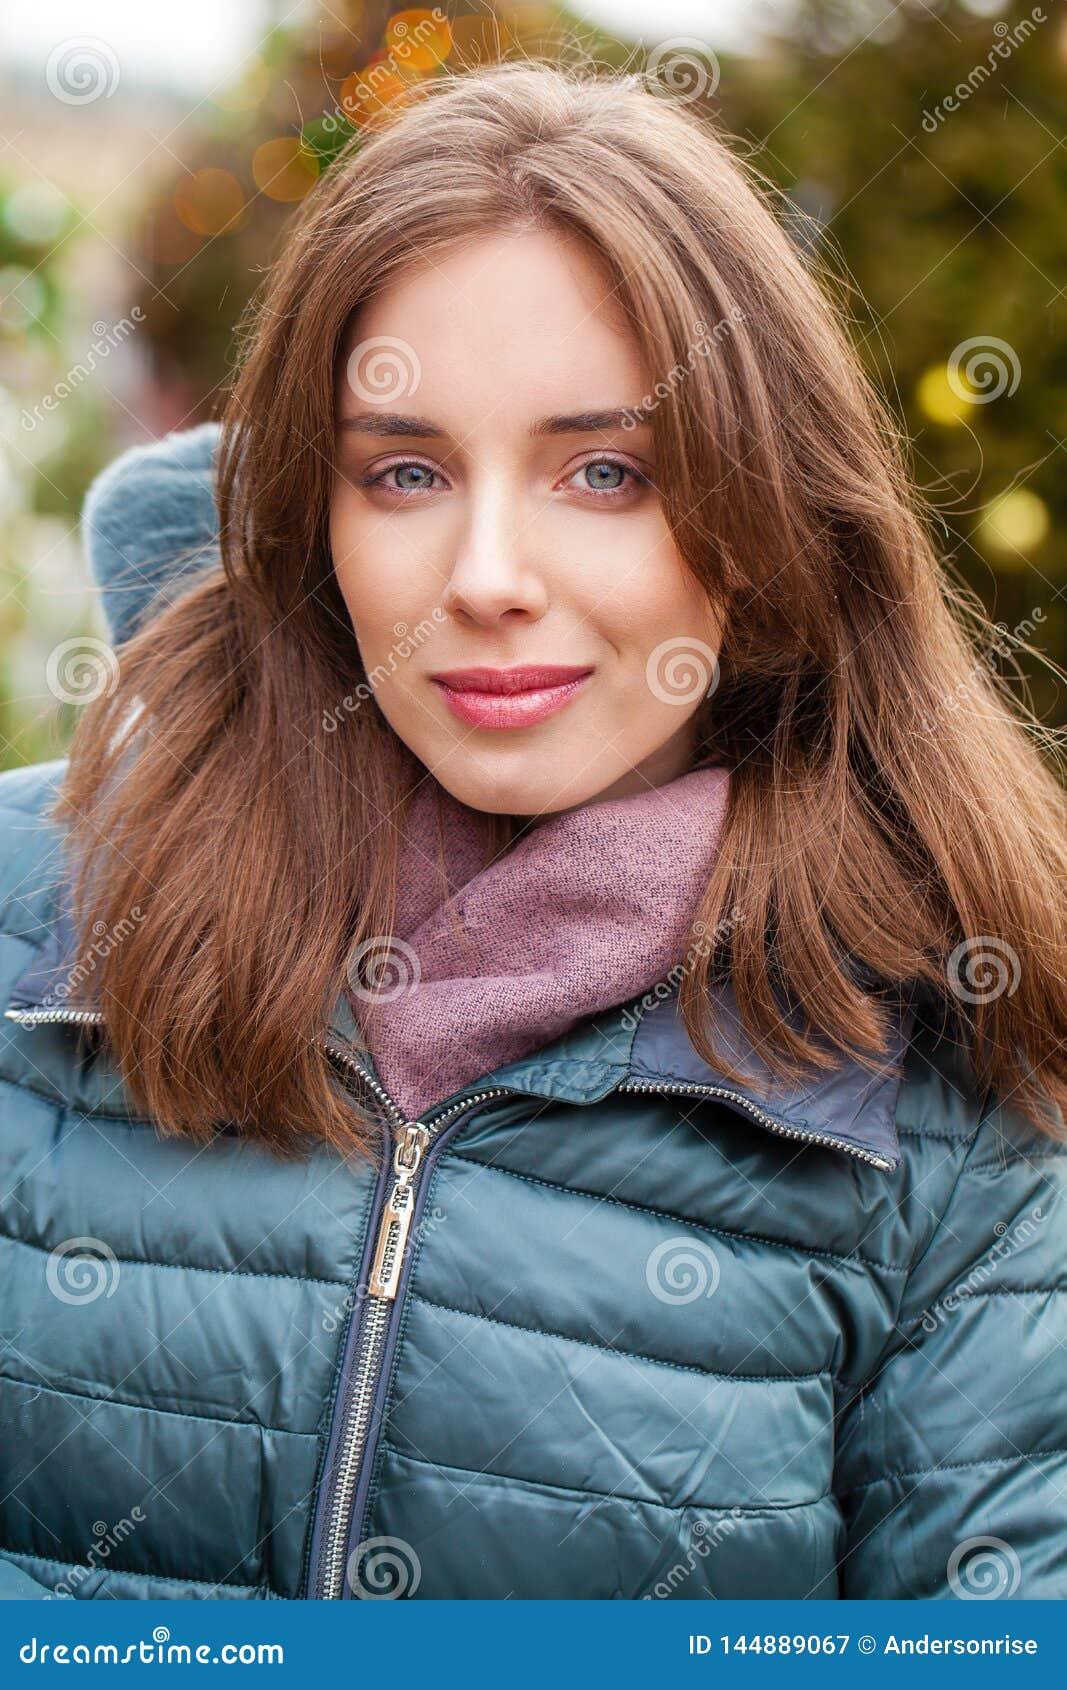 Nahaufnahmeportr?t einer jungen Frau im Winter hinunter Jacke